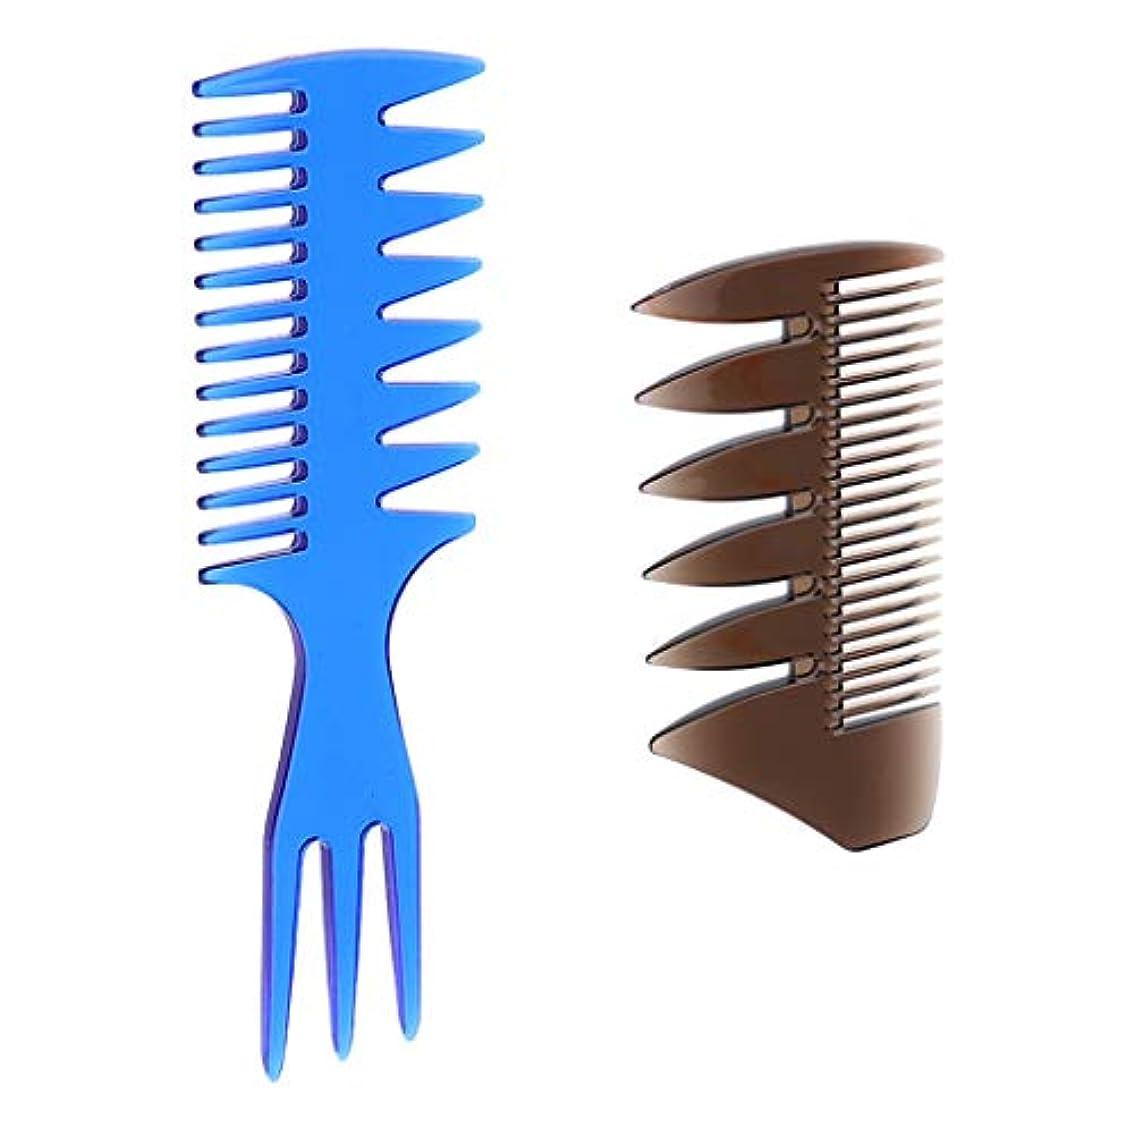 敬の念それにもかかわらず長さ3-in-1櫛 2-in-1櫛 ヘアサロン 髪の櫛 静電気防止櫛 2個